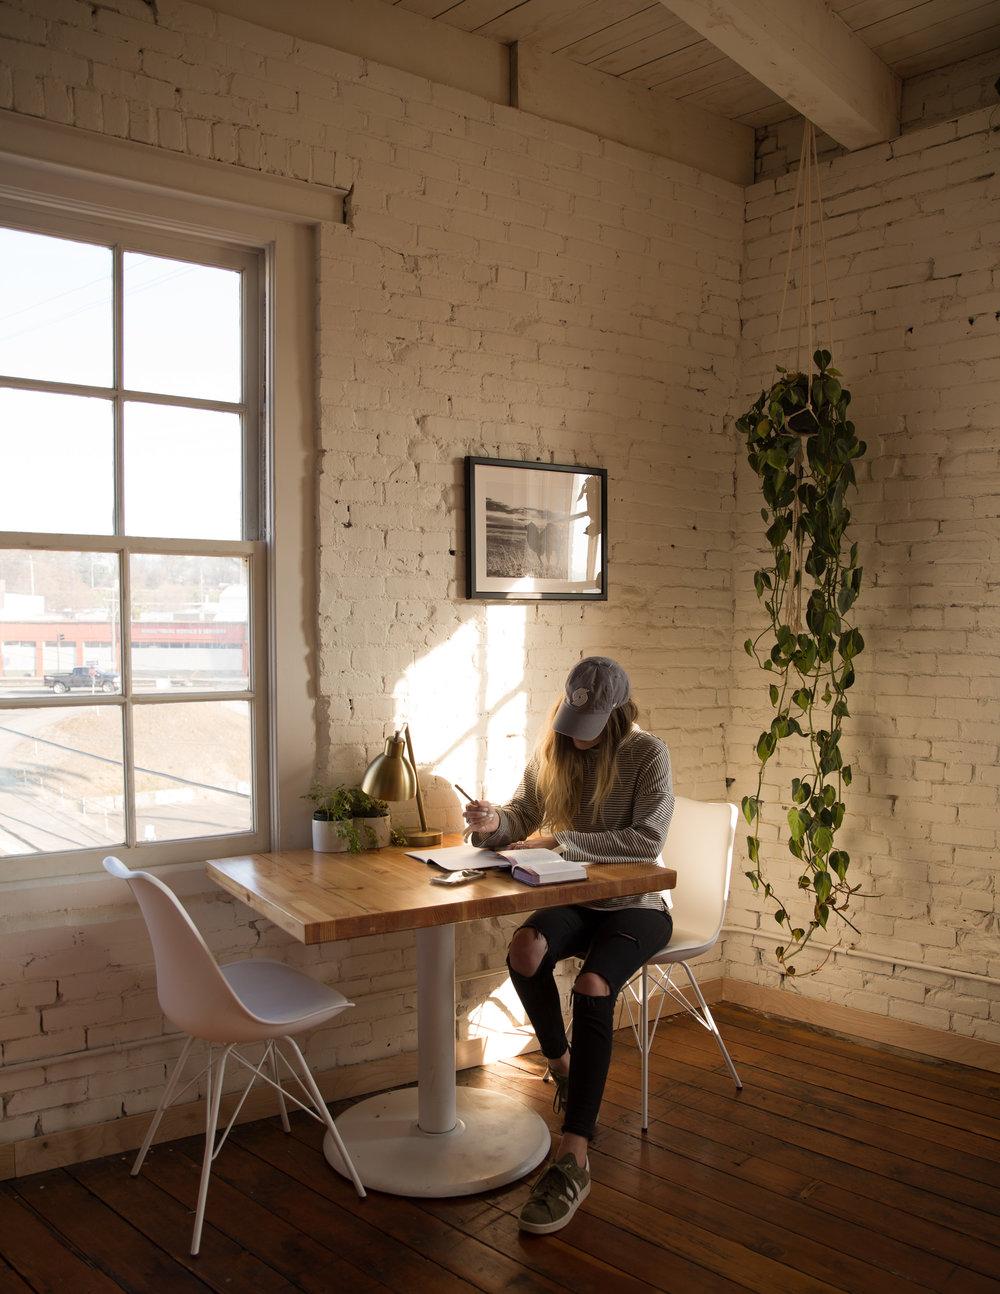 snl-indoor3-RAW.jpg